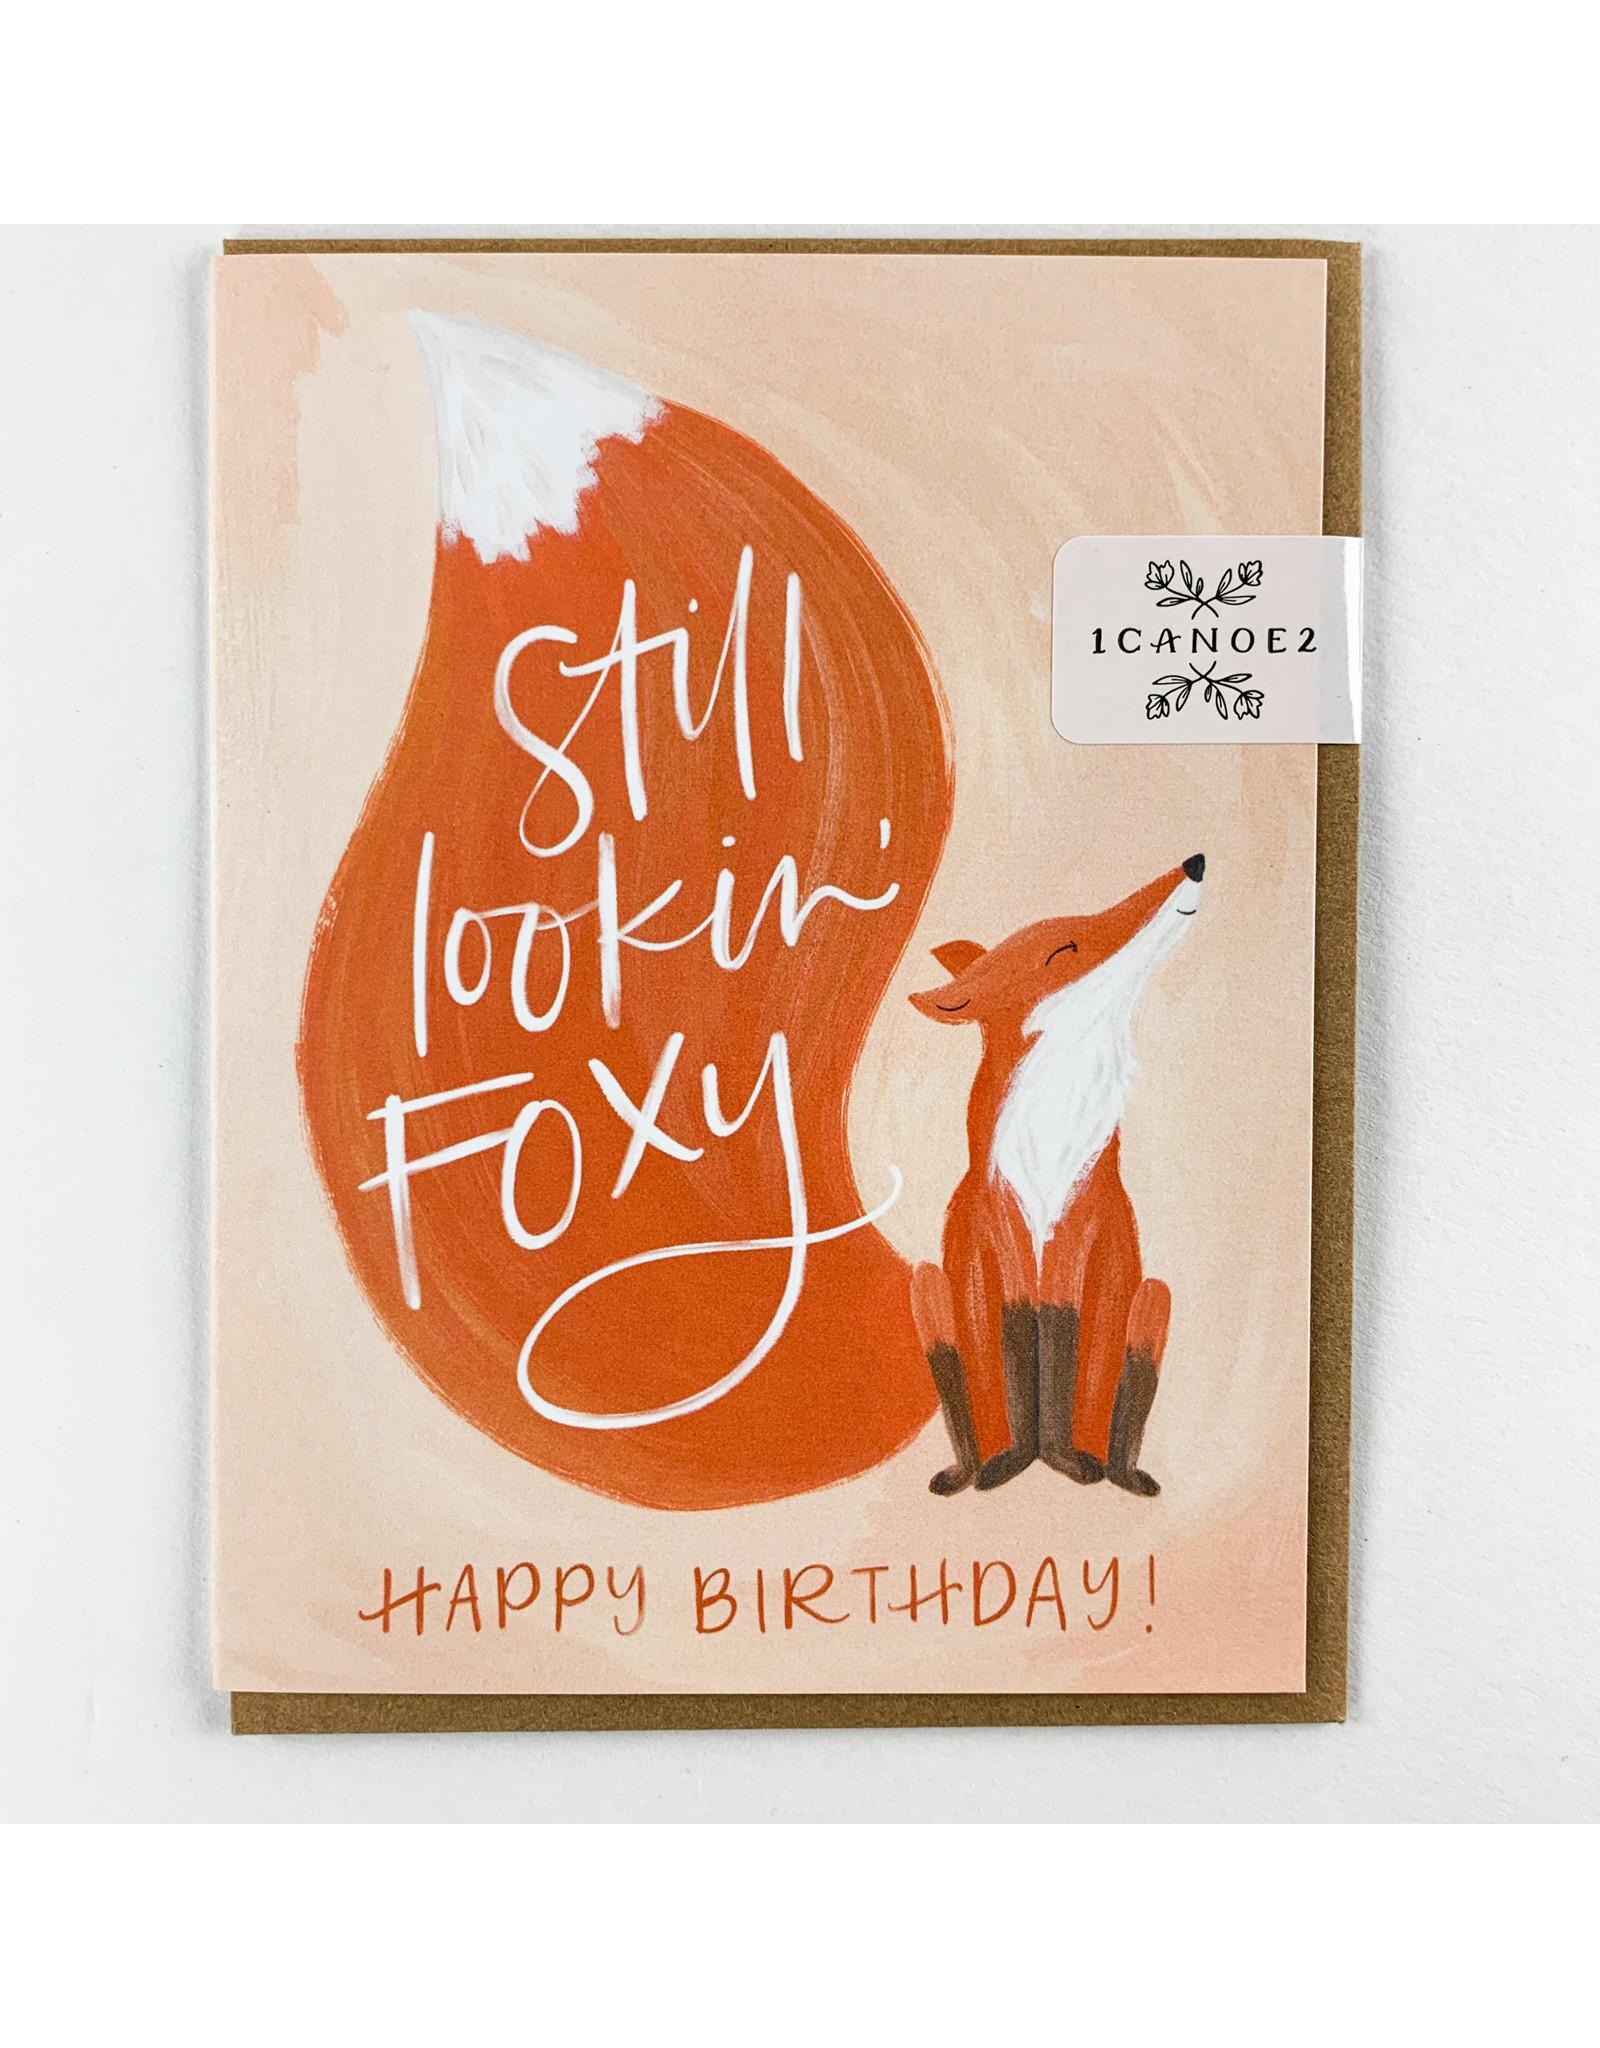 Foxy Bday